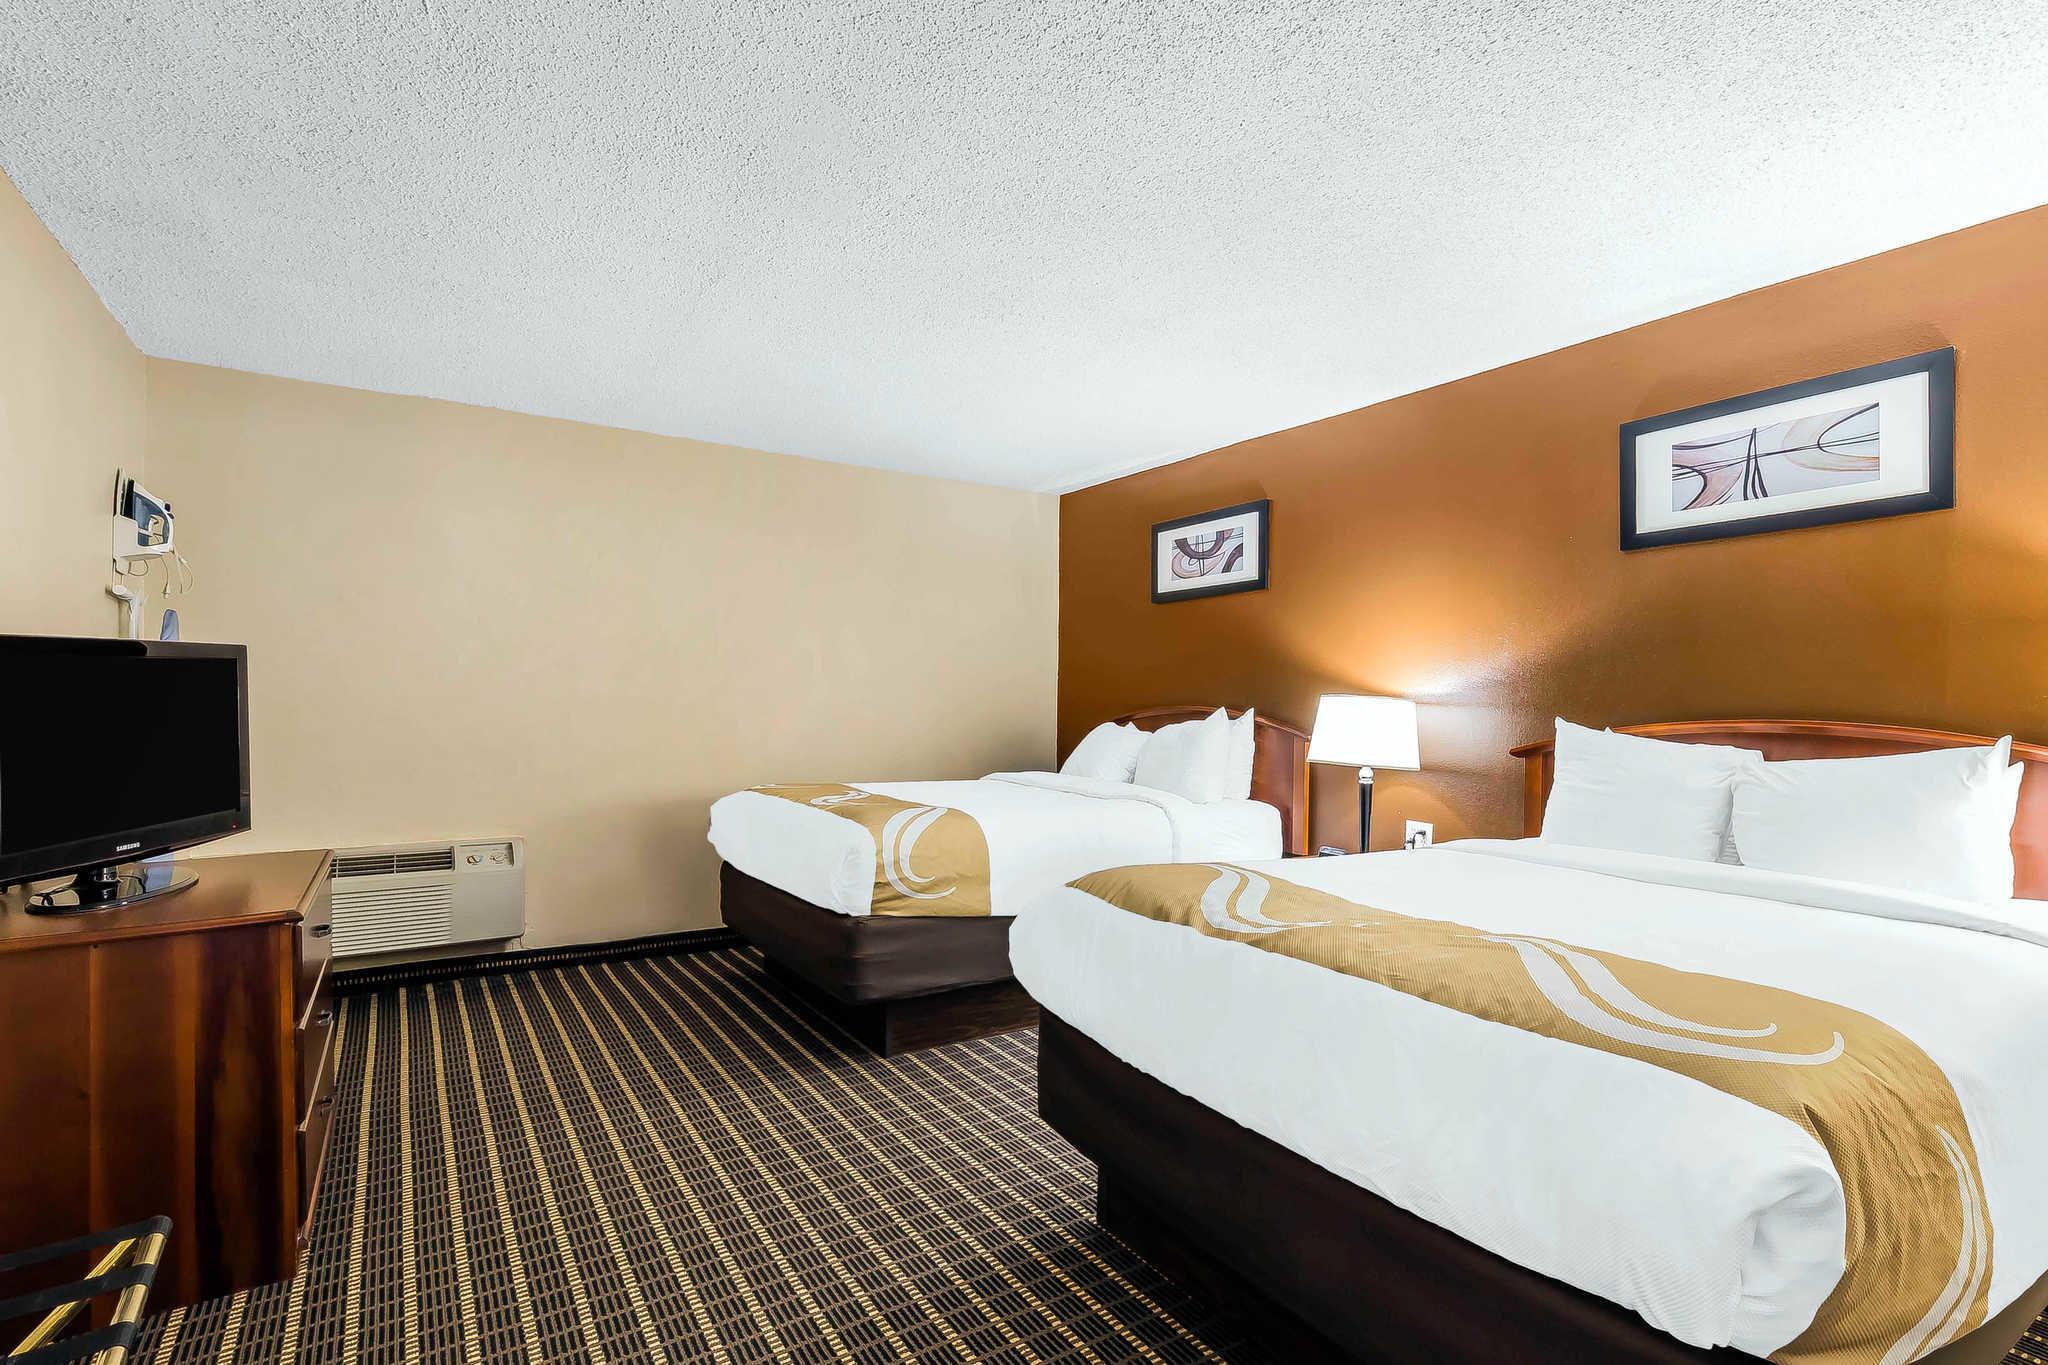 Quality Inn & Suites River Suites image 4